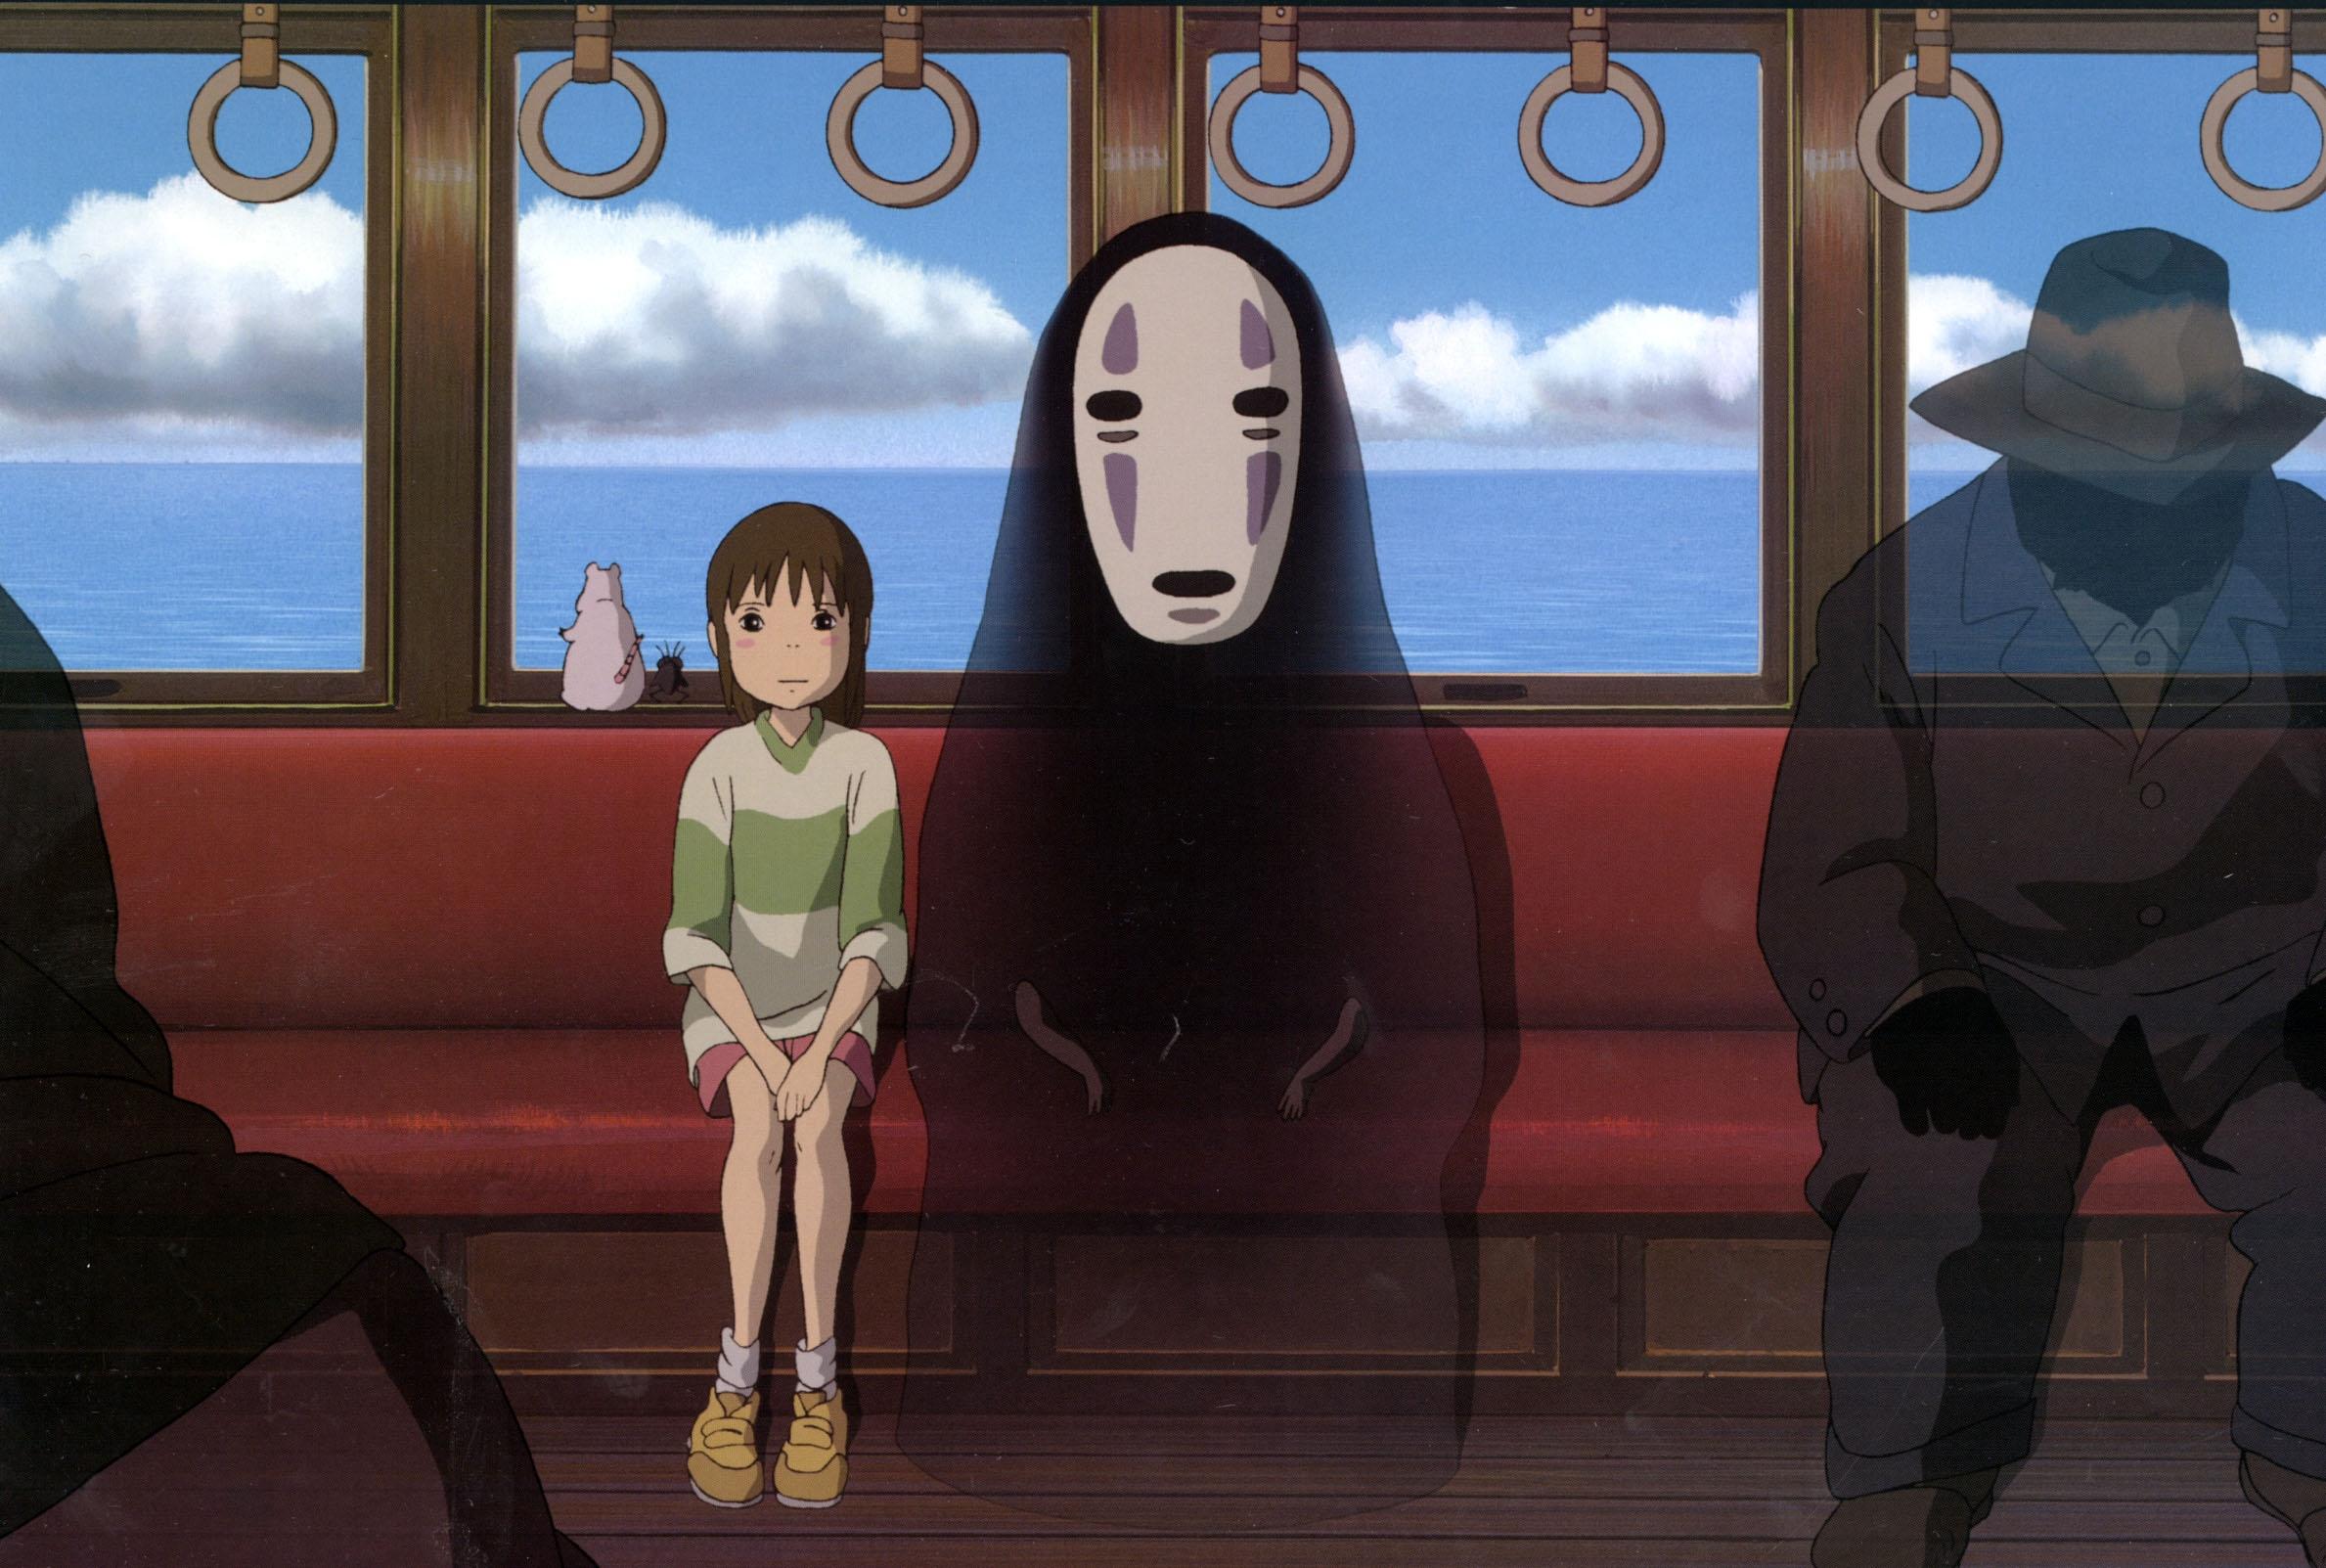 中国动画究竟该做给孩子看还是成人看